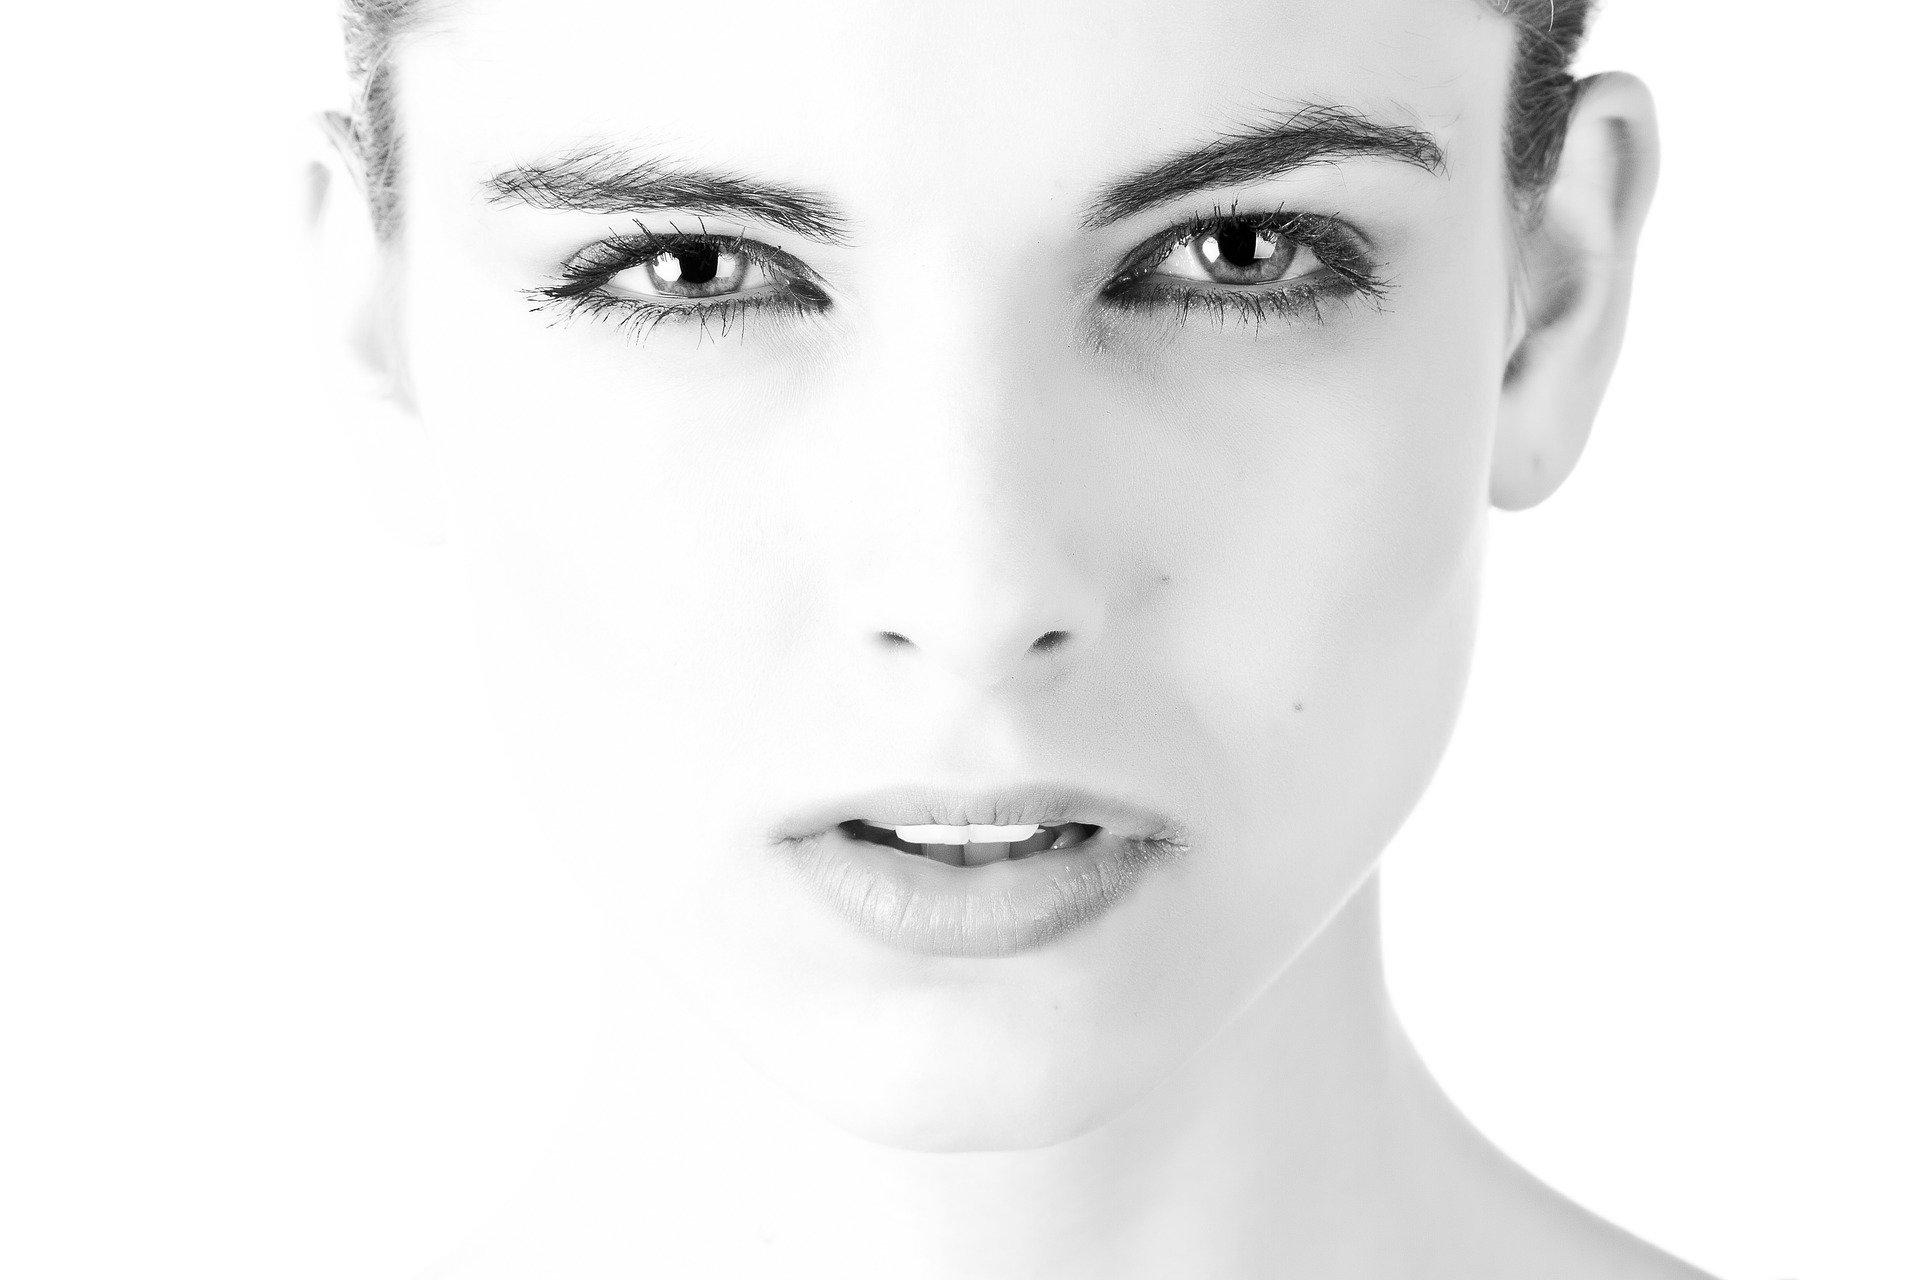 Hnedé a tmavé pigmentové škvrny v tvári